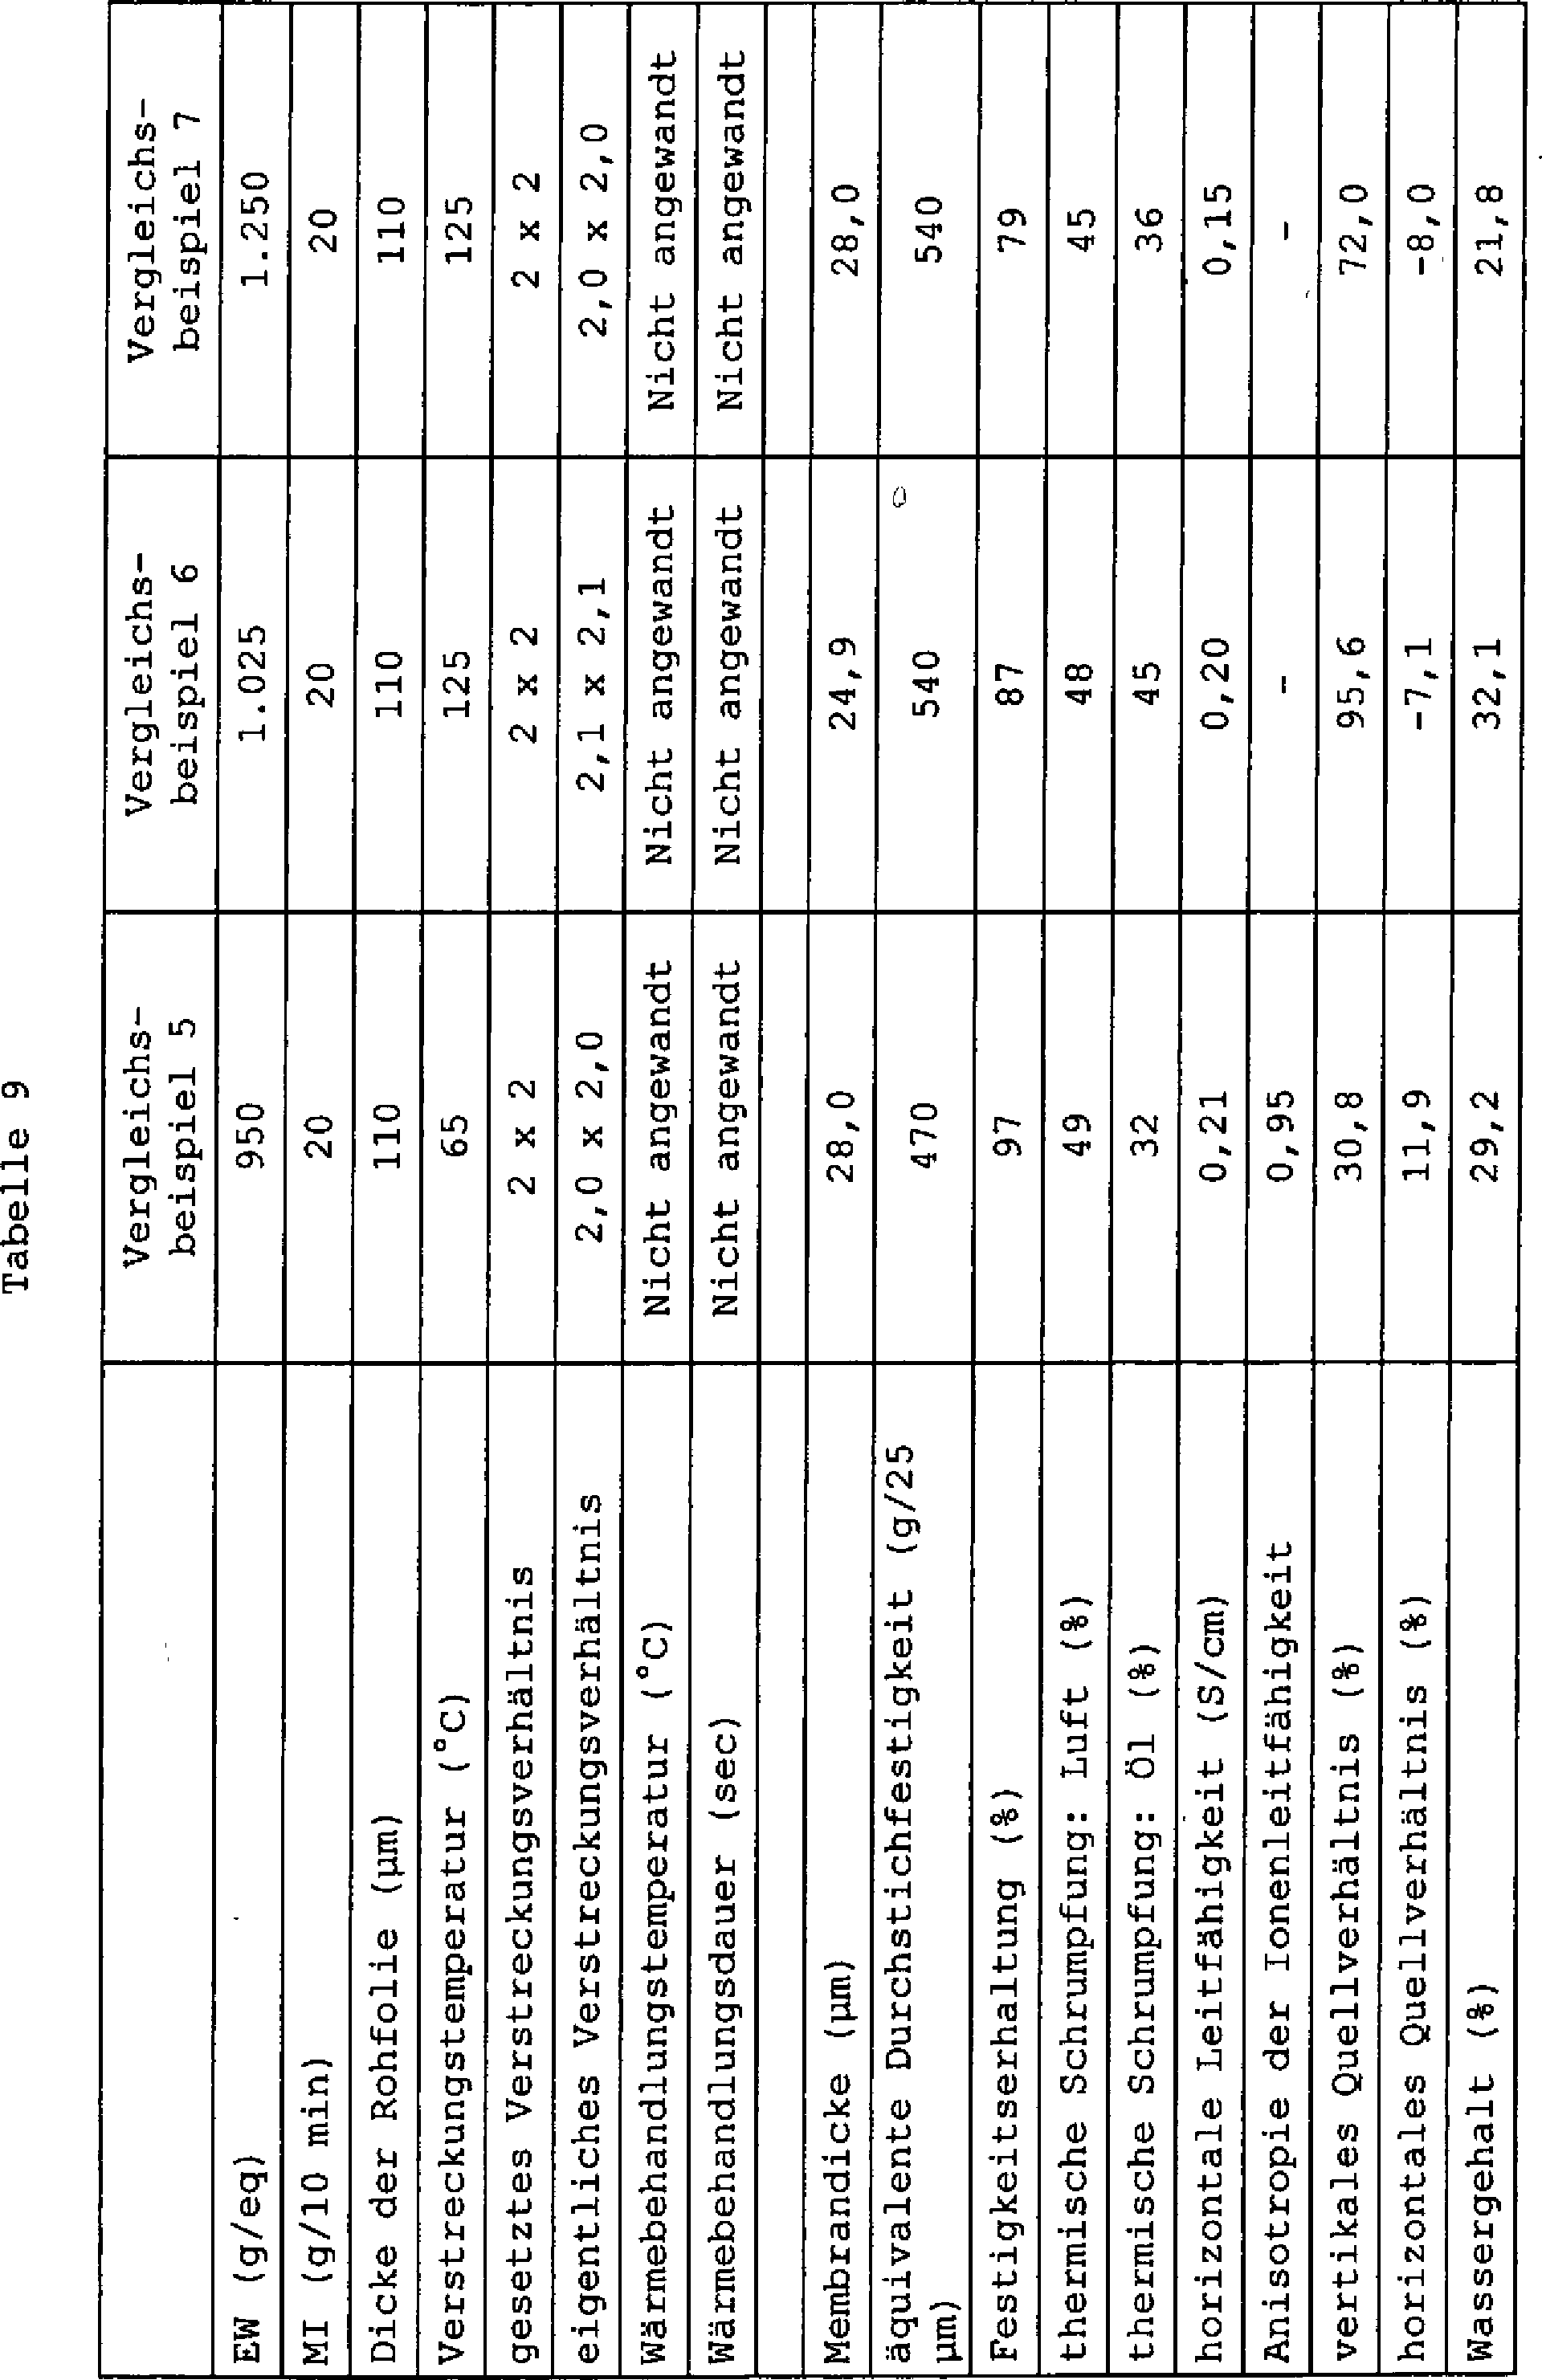 DE10296225B4 - Verfahren zur Herstellung einer Ionenaustauscher ...